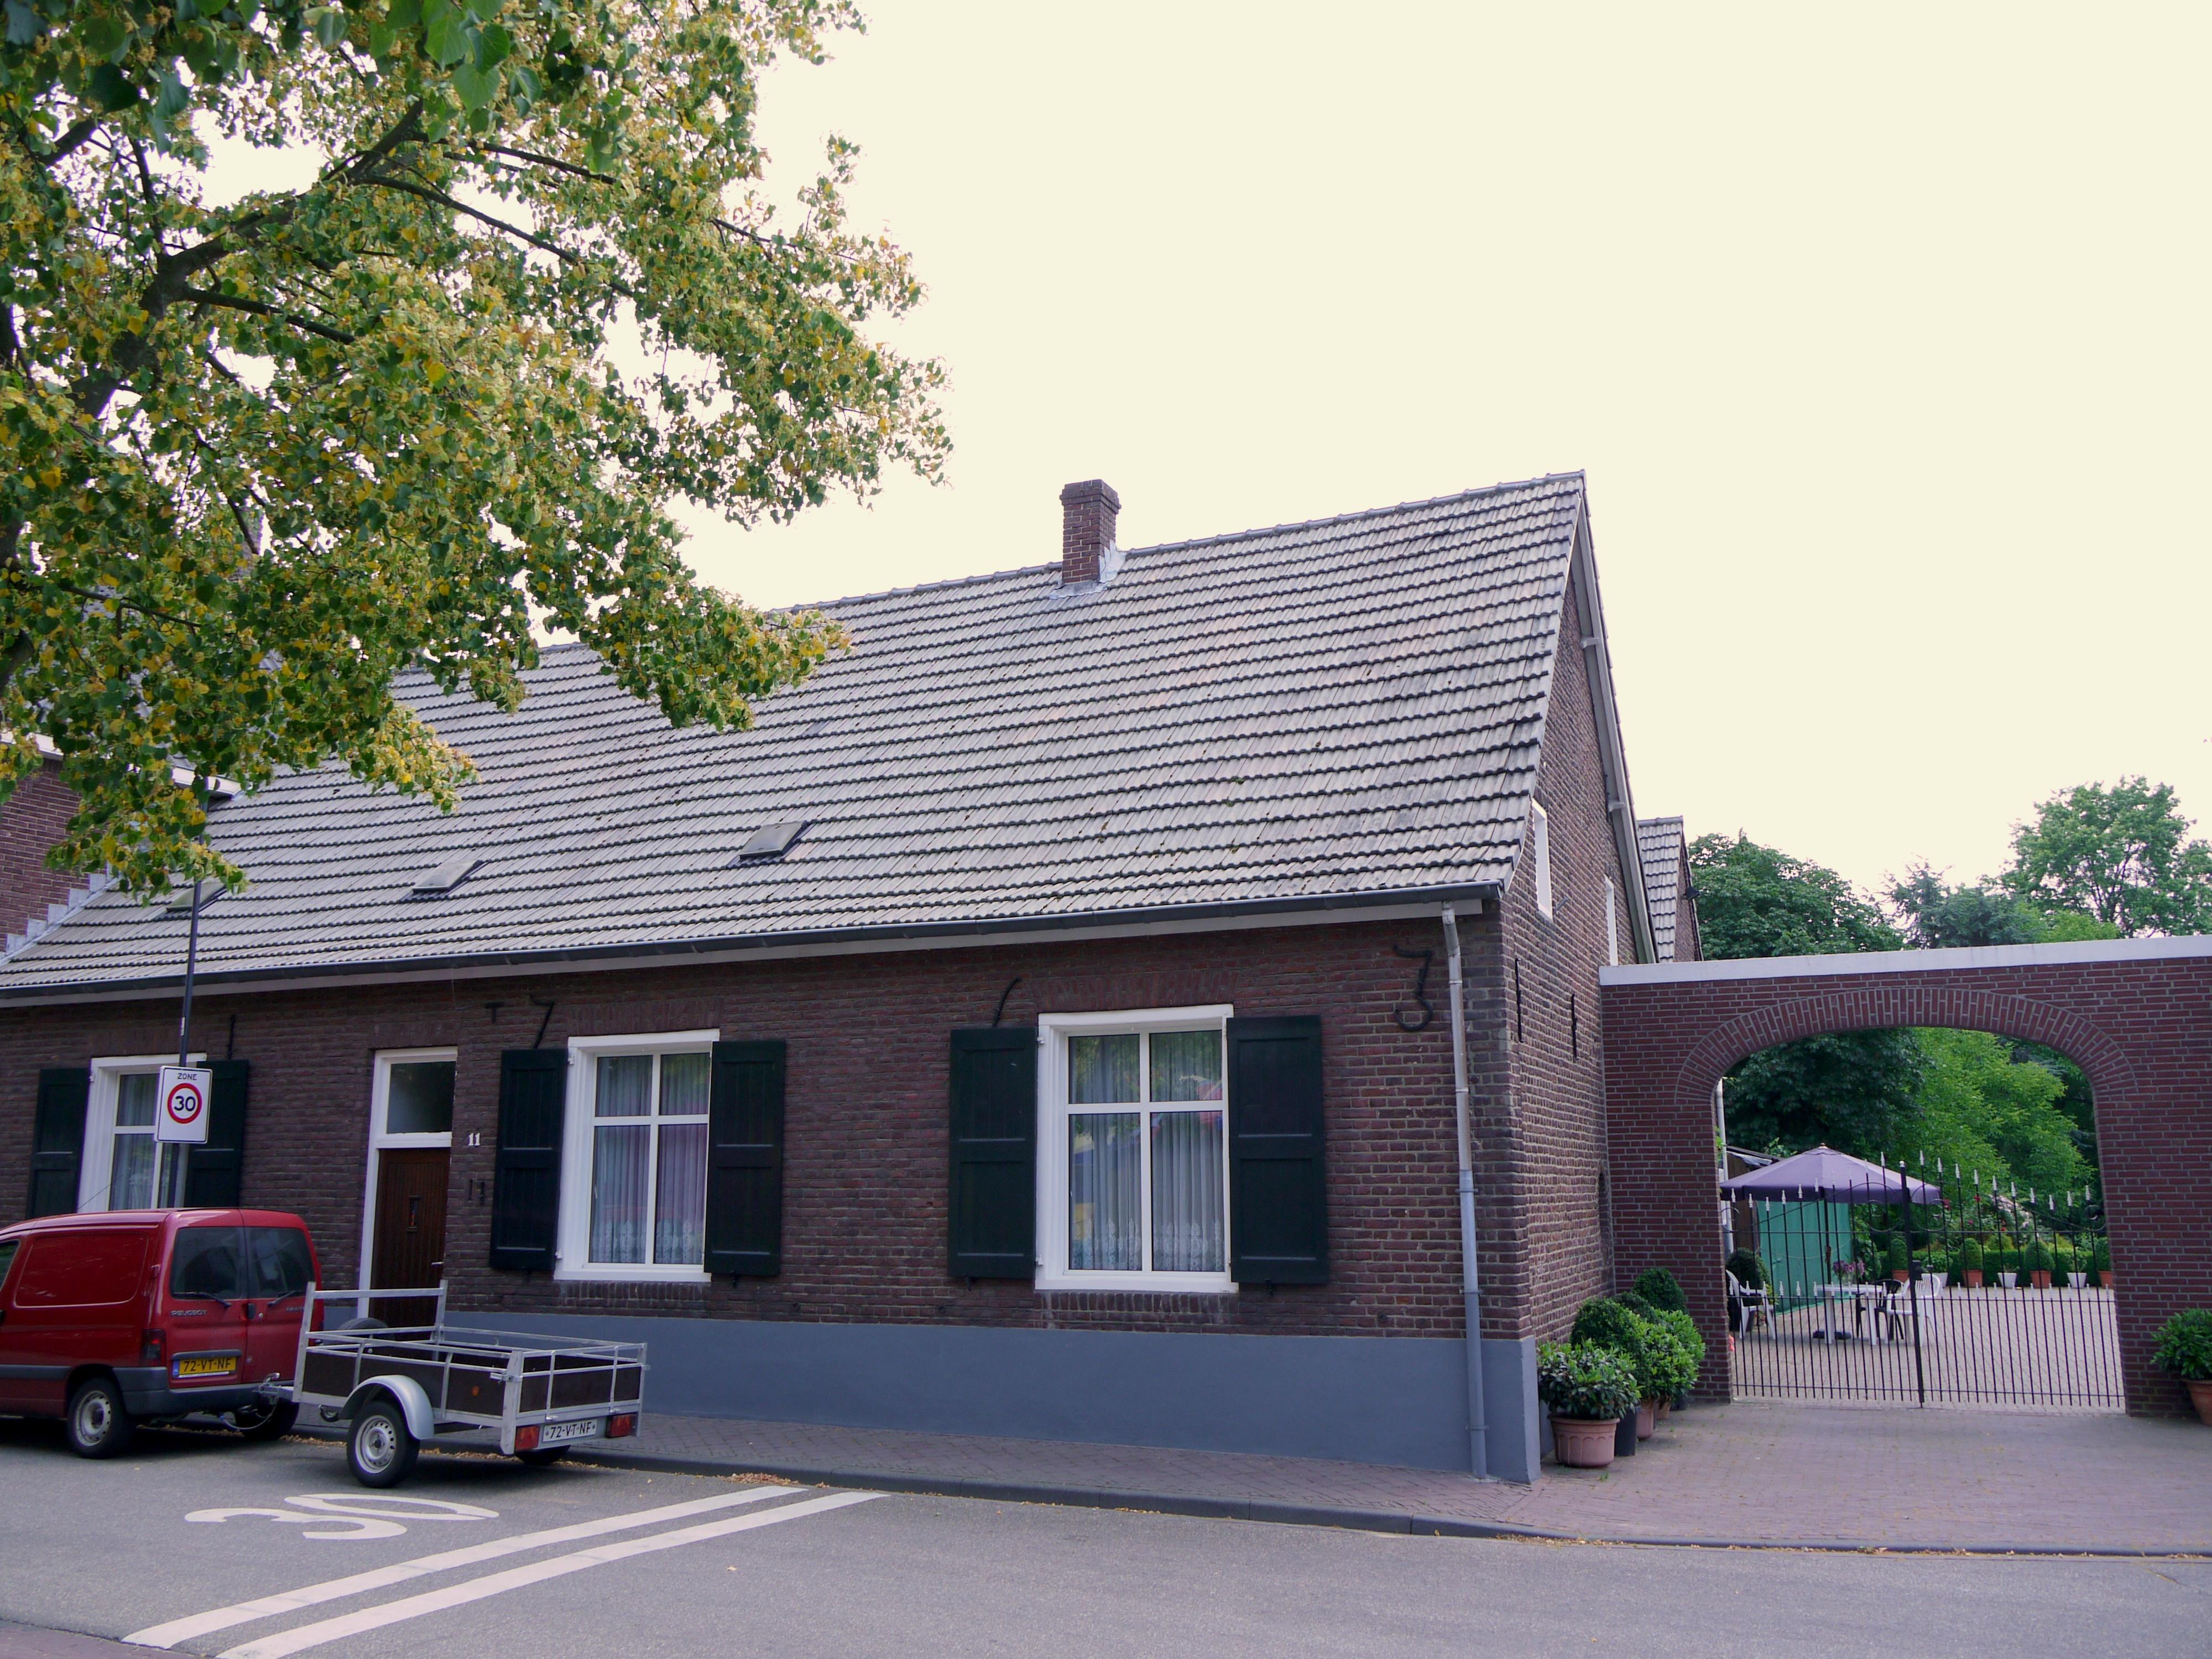 Huis met zadeldak tussen zijtopgevels opzij een korfboogpoort in lottum monument - Tussen huis ...